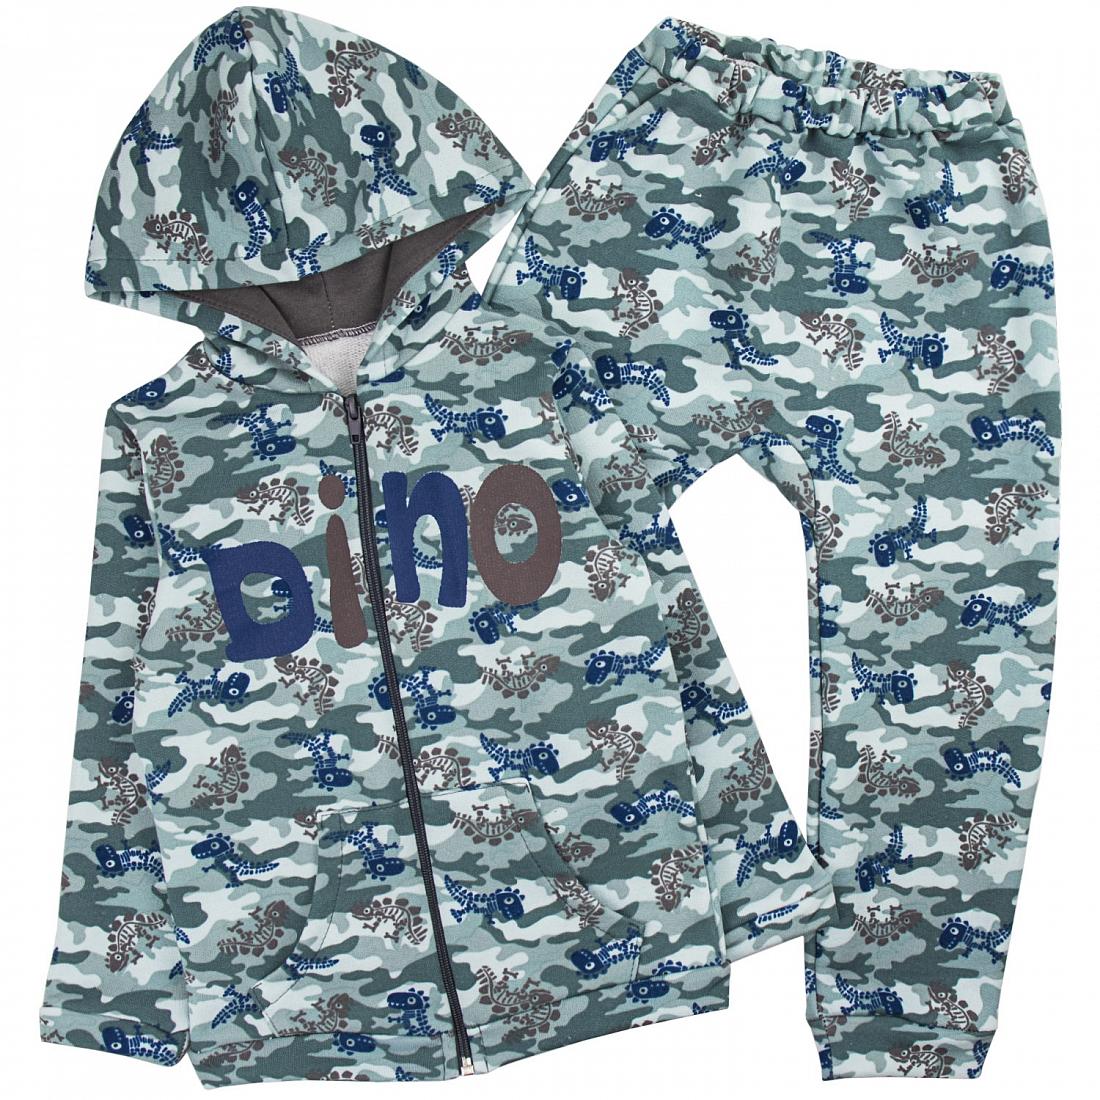 Спортивный костюм для девочек Юлла 819/820ф ап цв. зеленый  р.152